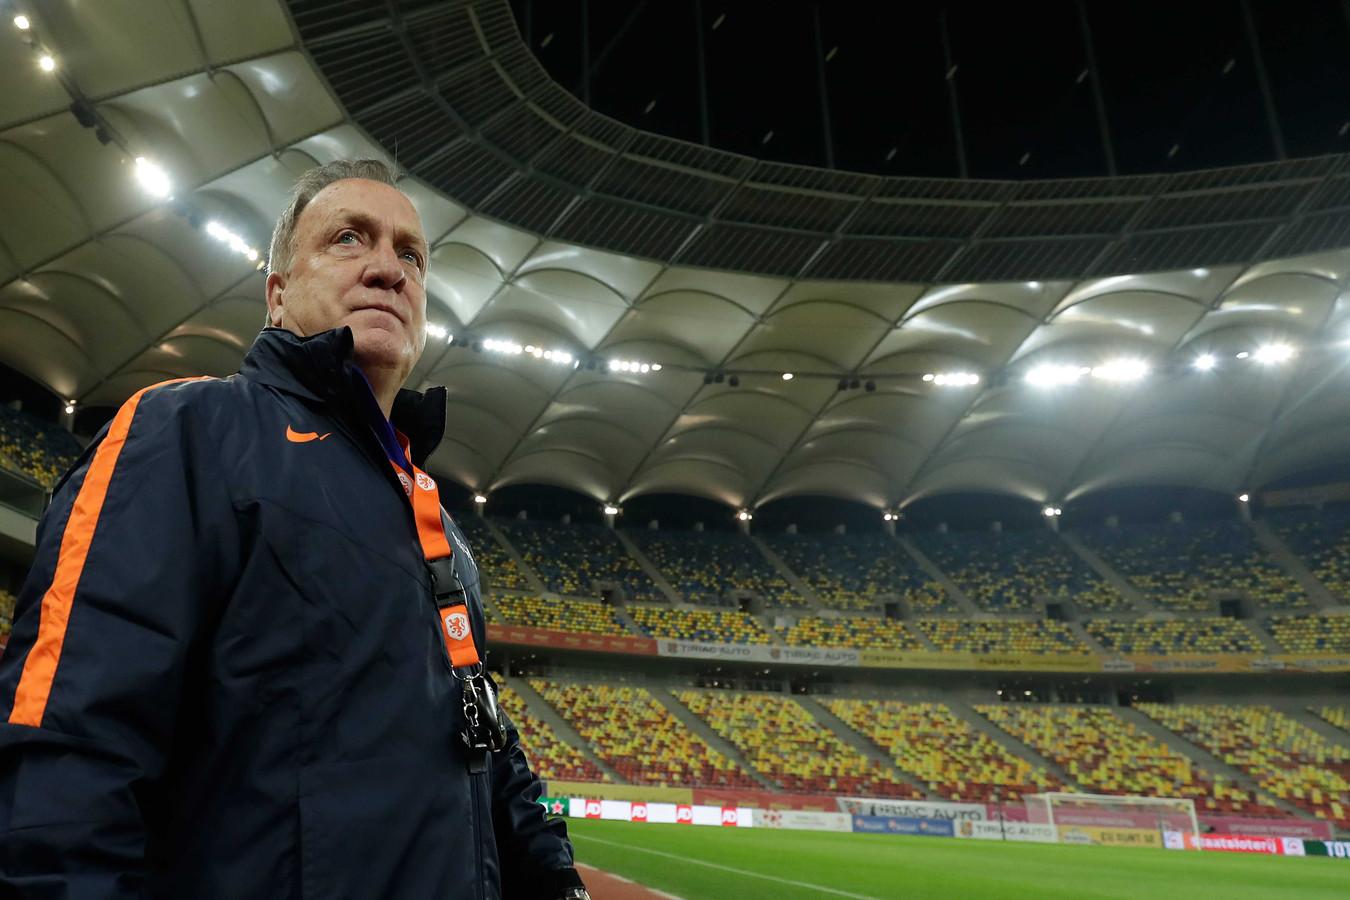 Bondscoach Dick Advocaat tijdens de training van het Nederlands elftal.